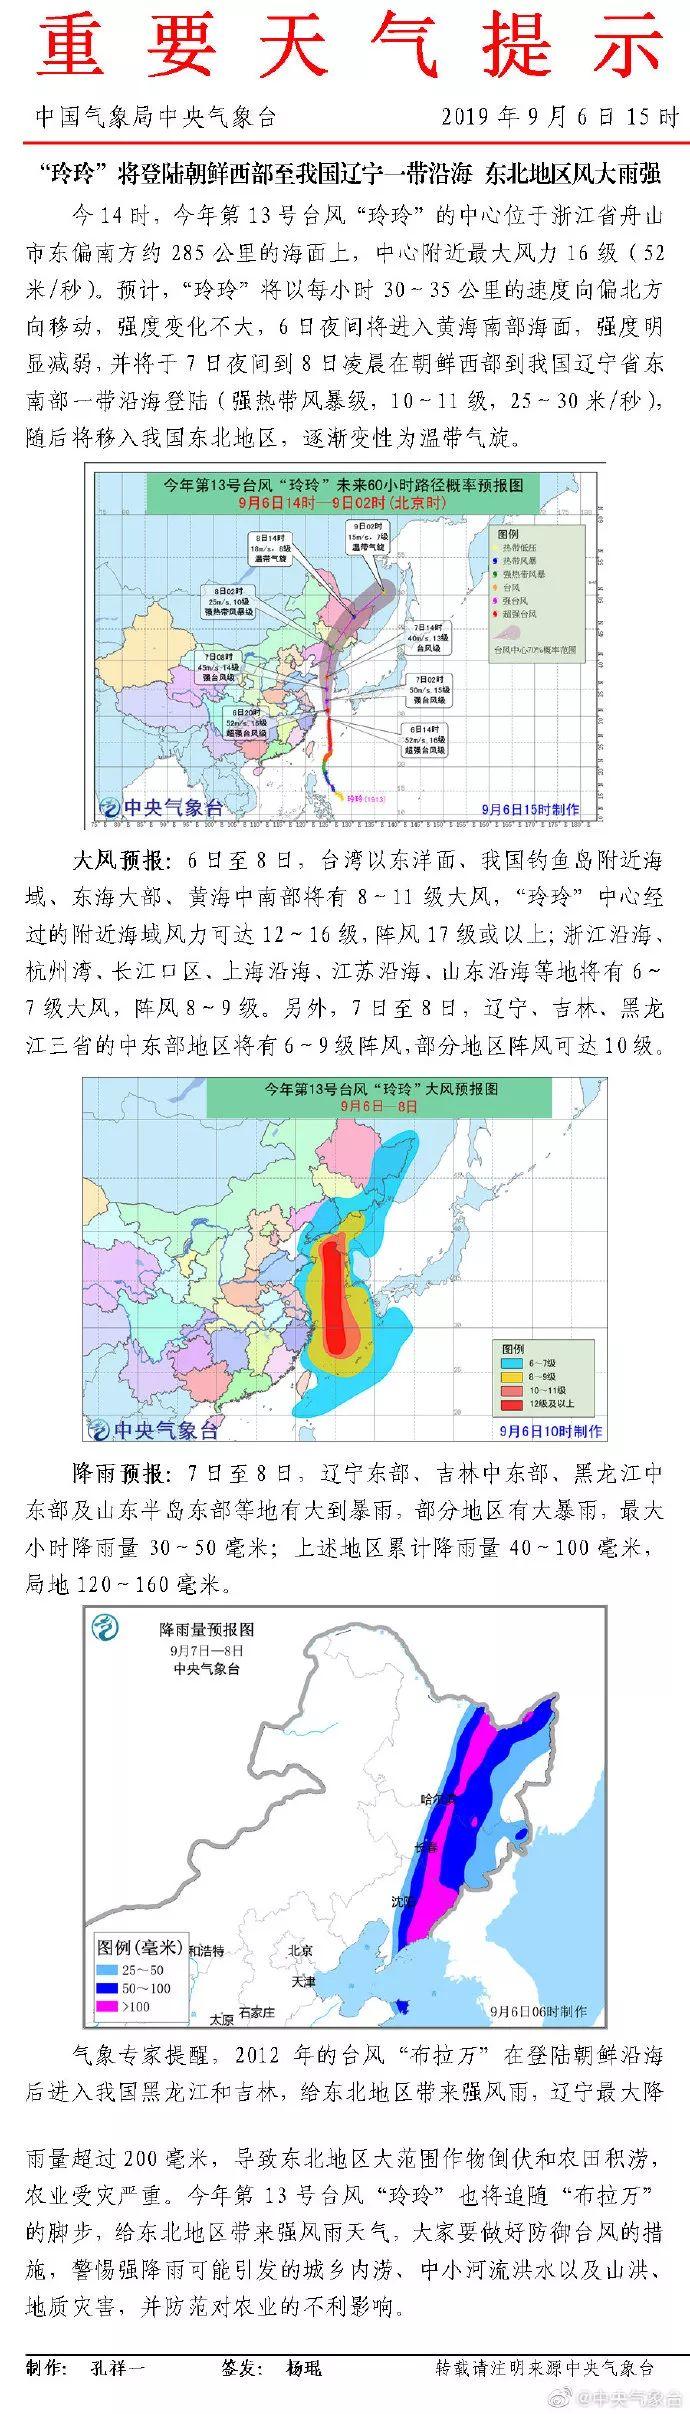 刚刚,青岛再发台风橙色预警!除了大风,这些地方有中雨!